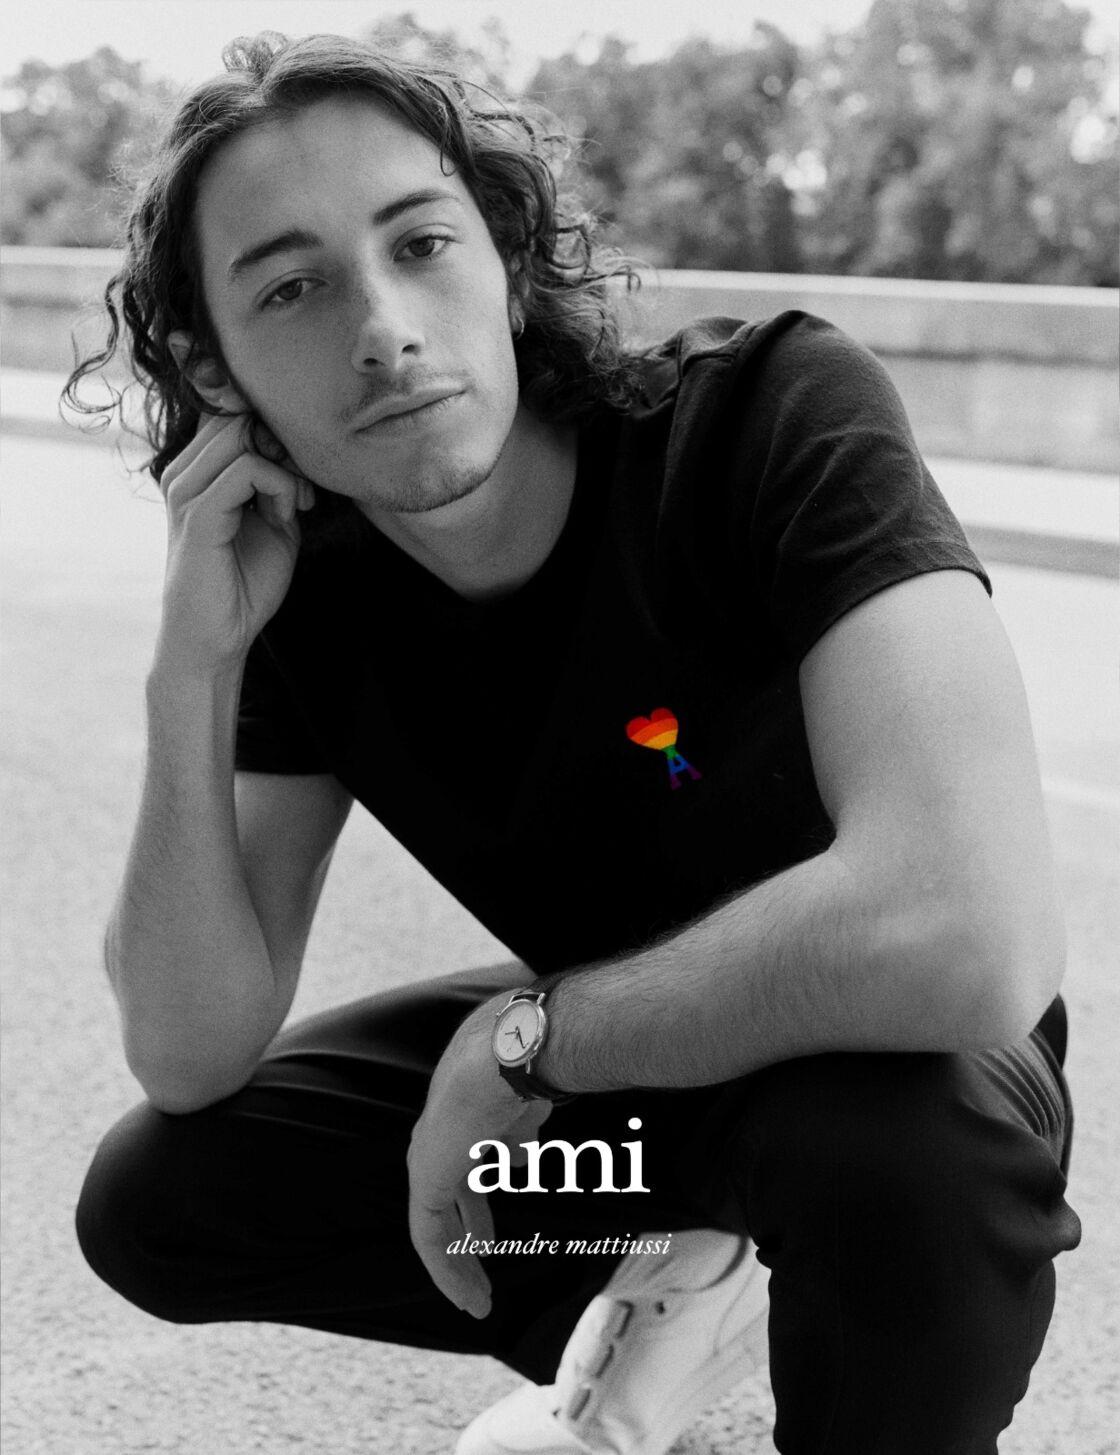 La marque Ami Paris lance une collection capsule dont les ventes iront à Glaad, une association qui défend la communauté LGBTQ.